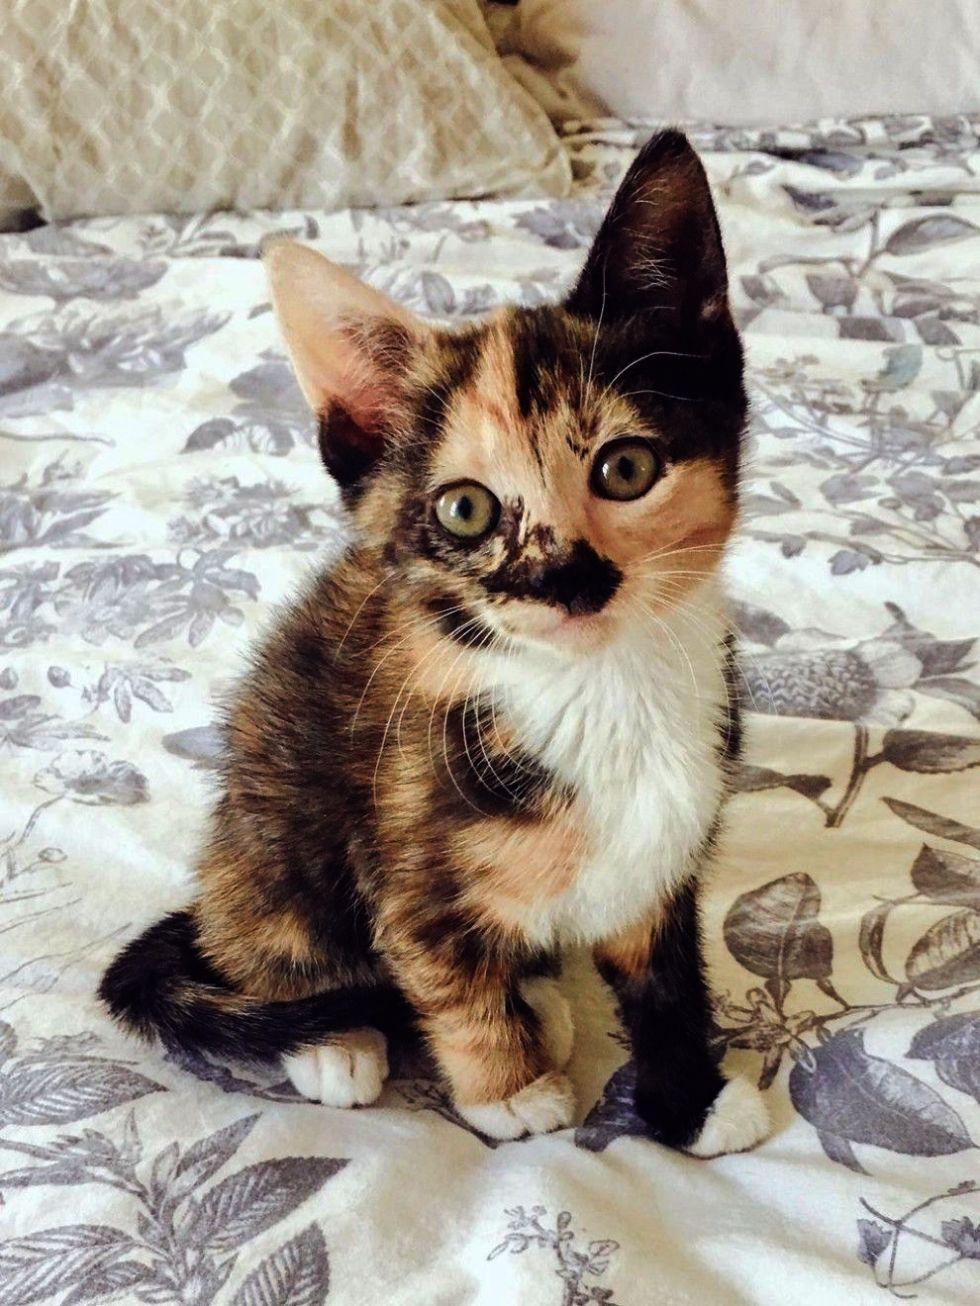 Kittens Oc Craigslist Kittens Card Game Kittens cutest